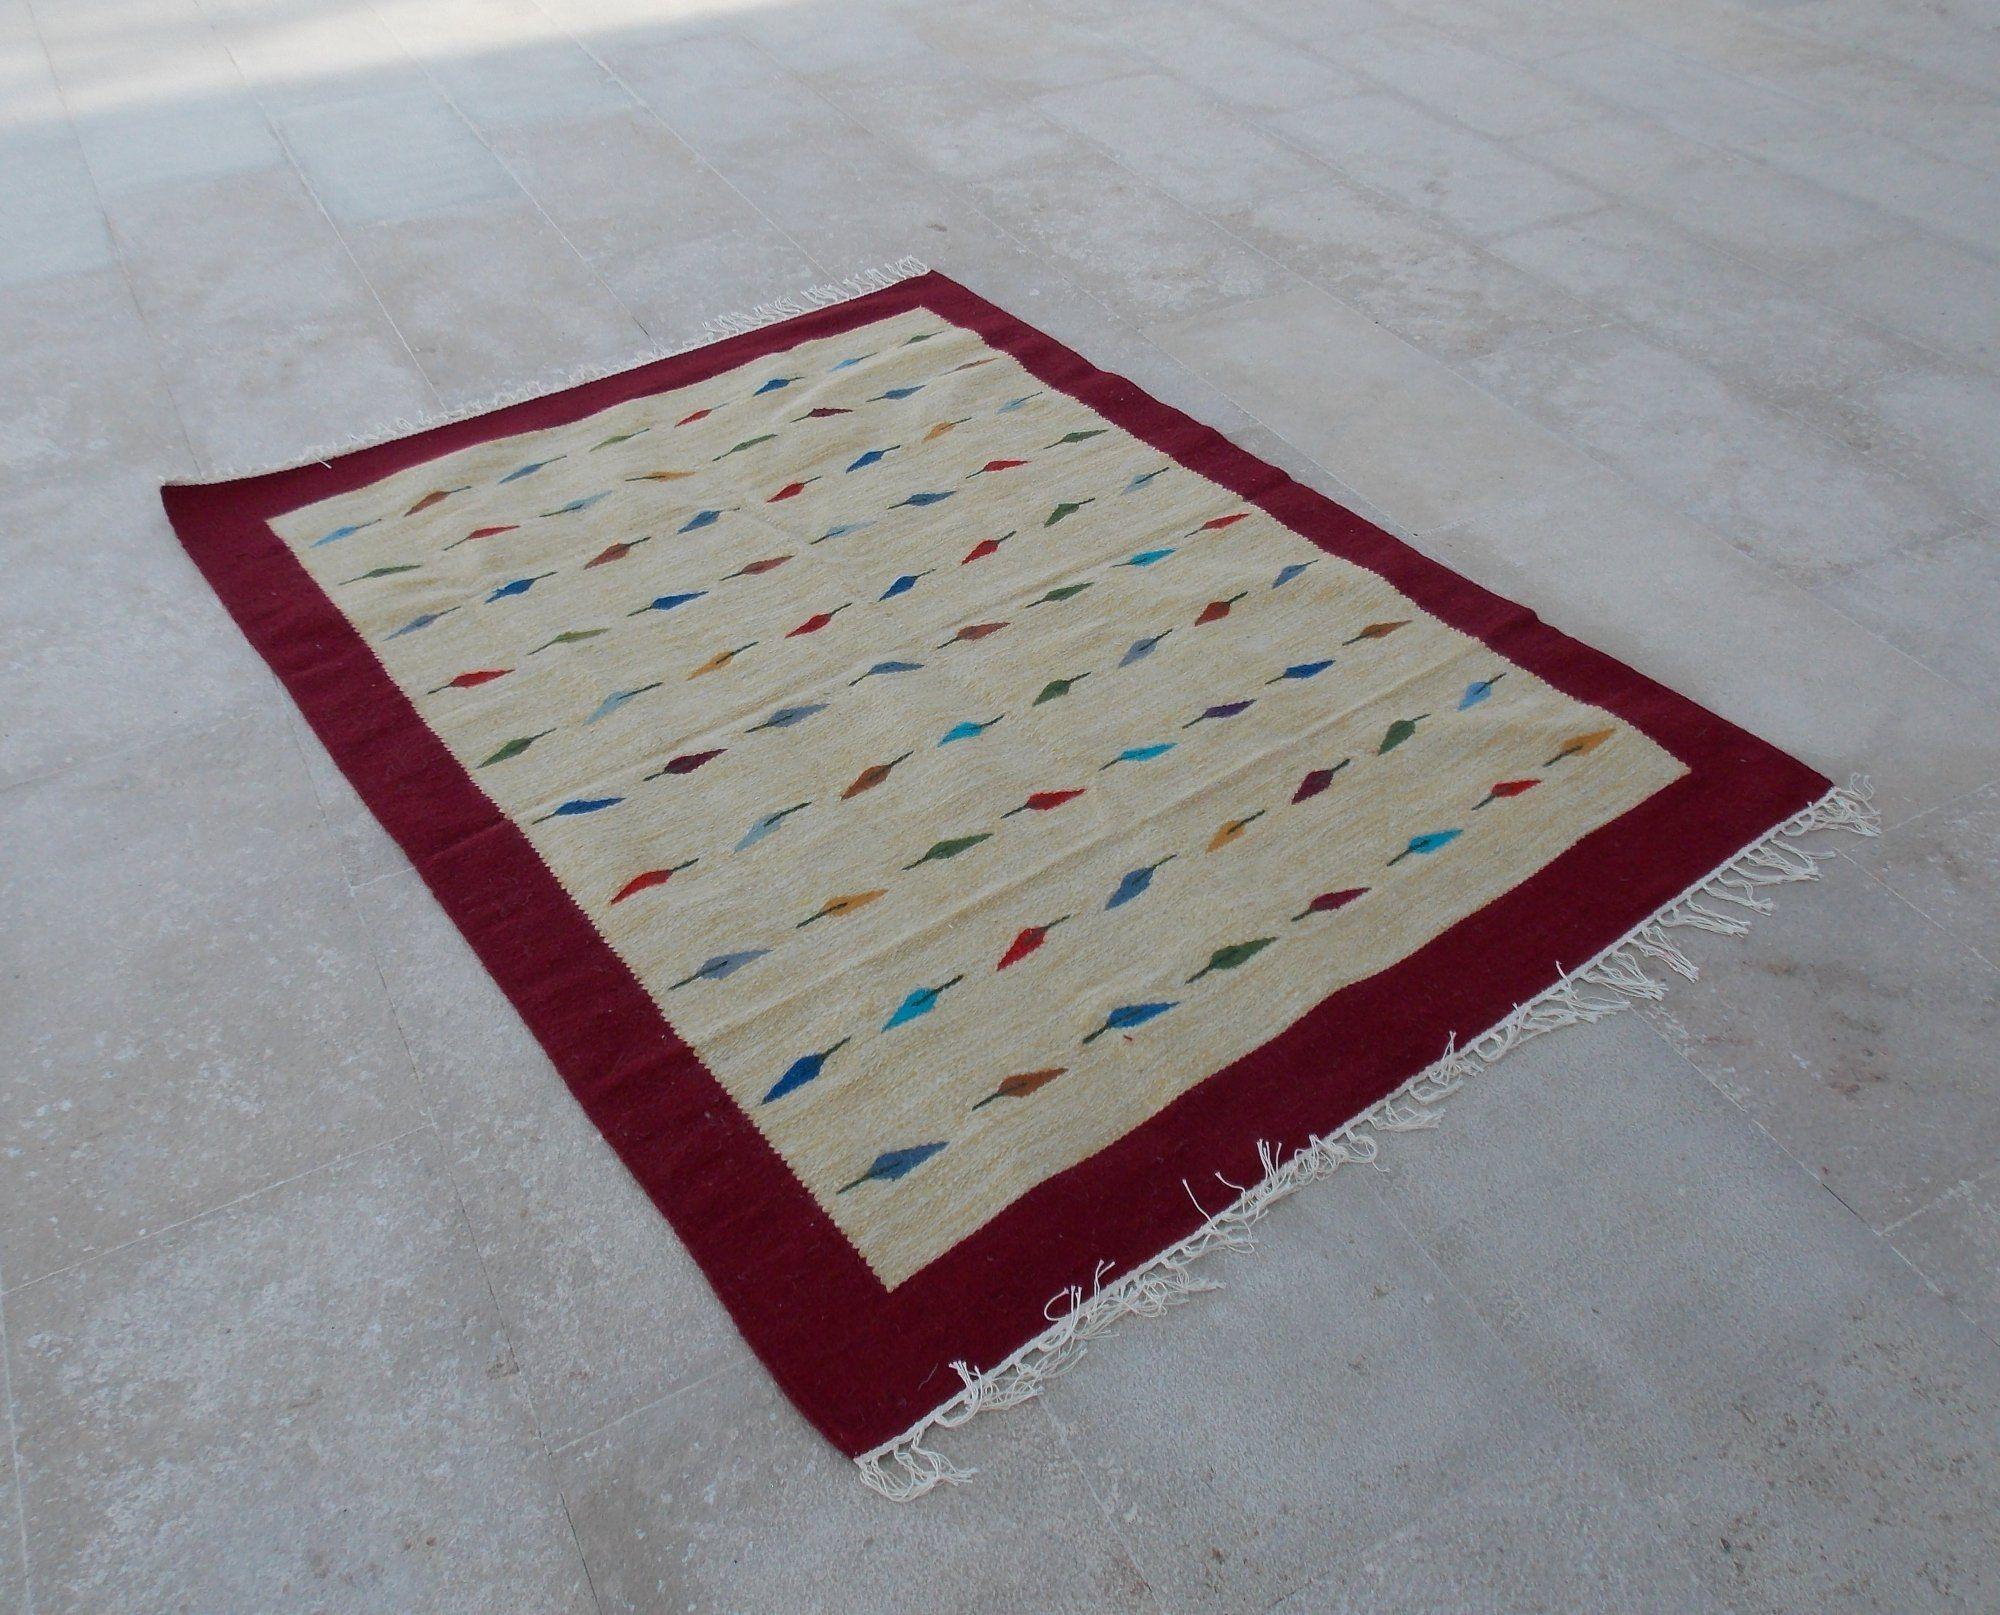 bd90643f7 Bazaar Misr كليم منسوج يدوي مقاس 150 * 200 سم صوف - قطن - مناسب لغرفة  المعيشة - نبيتي - بيج- ورق شجر